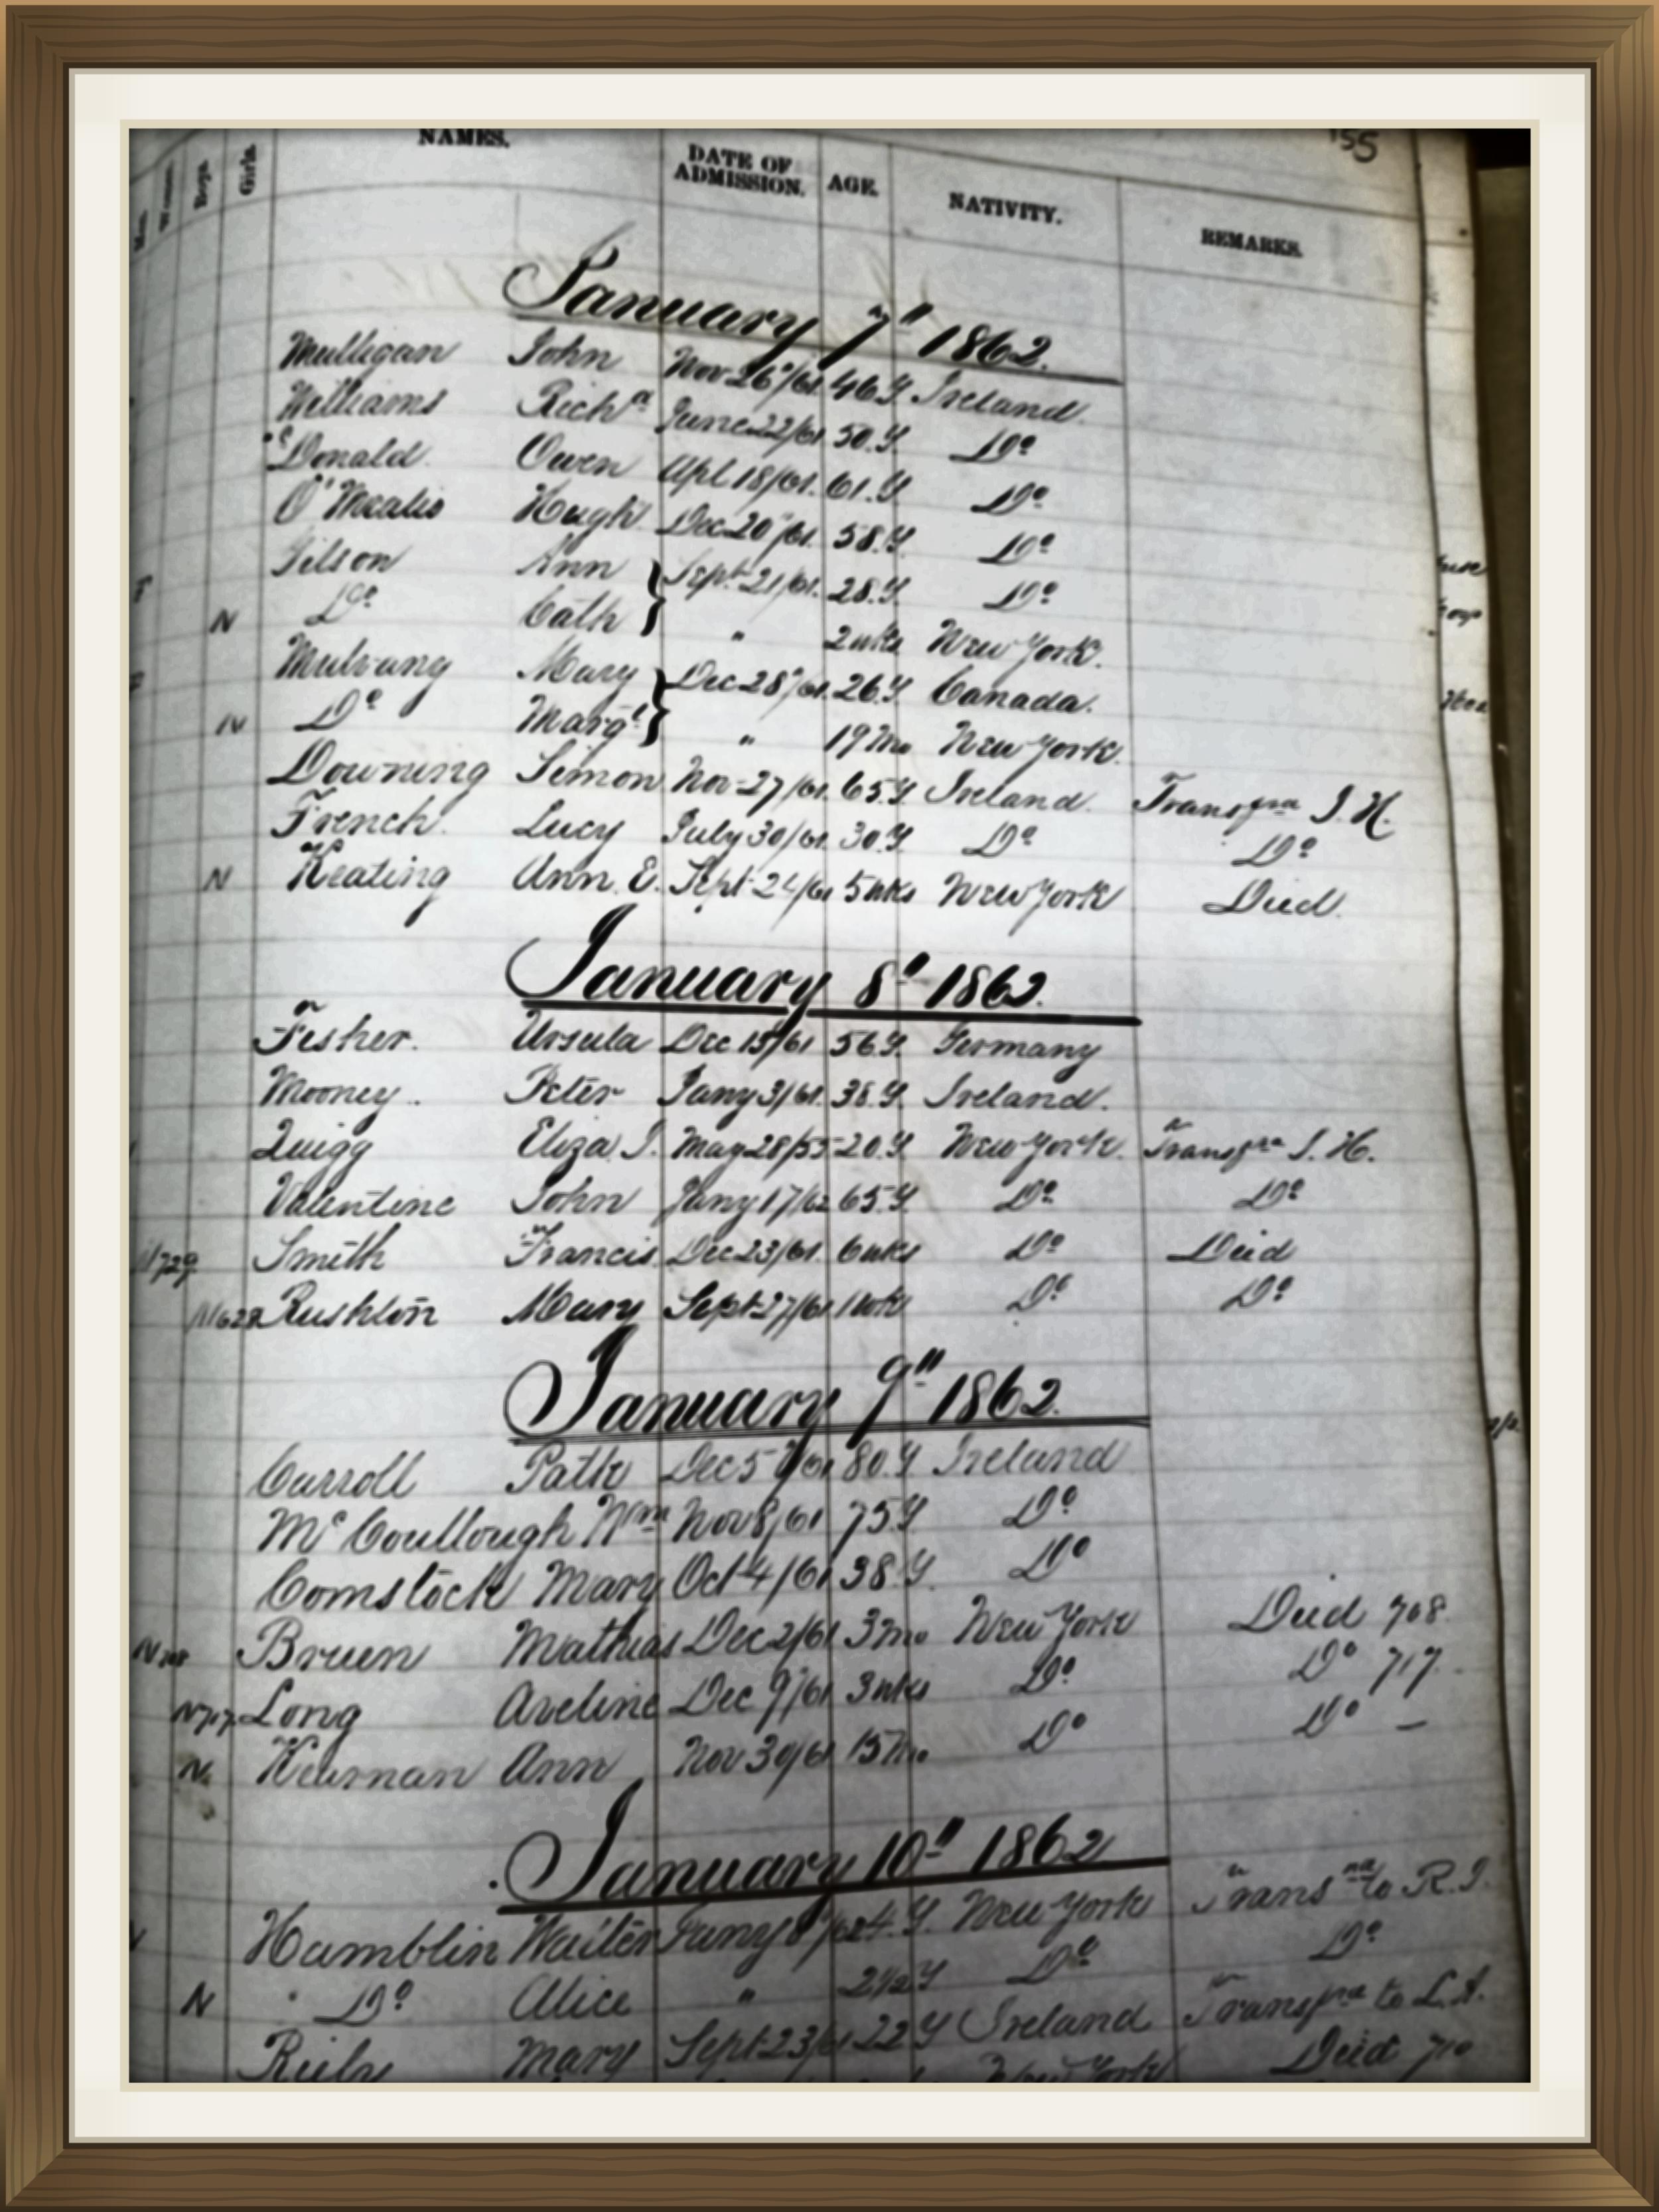 1862 Almshouse Discharge Ledger